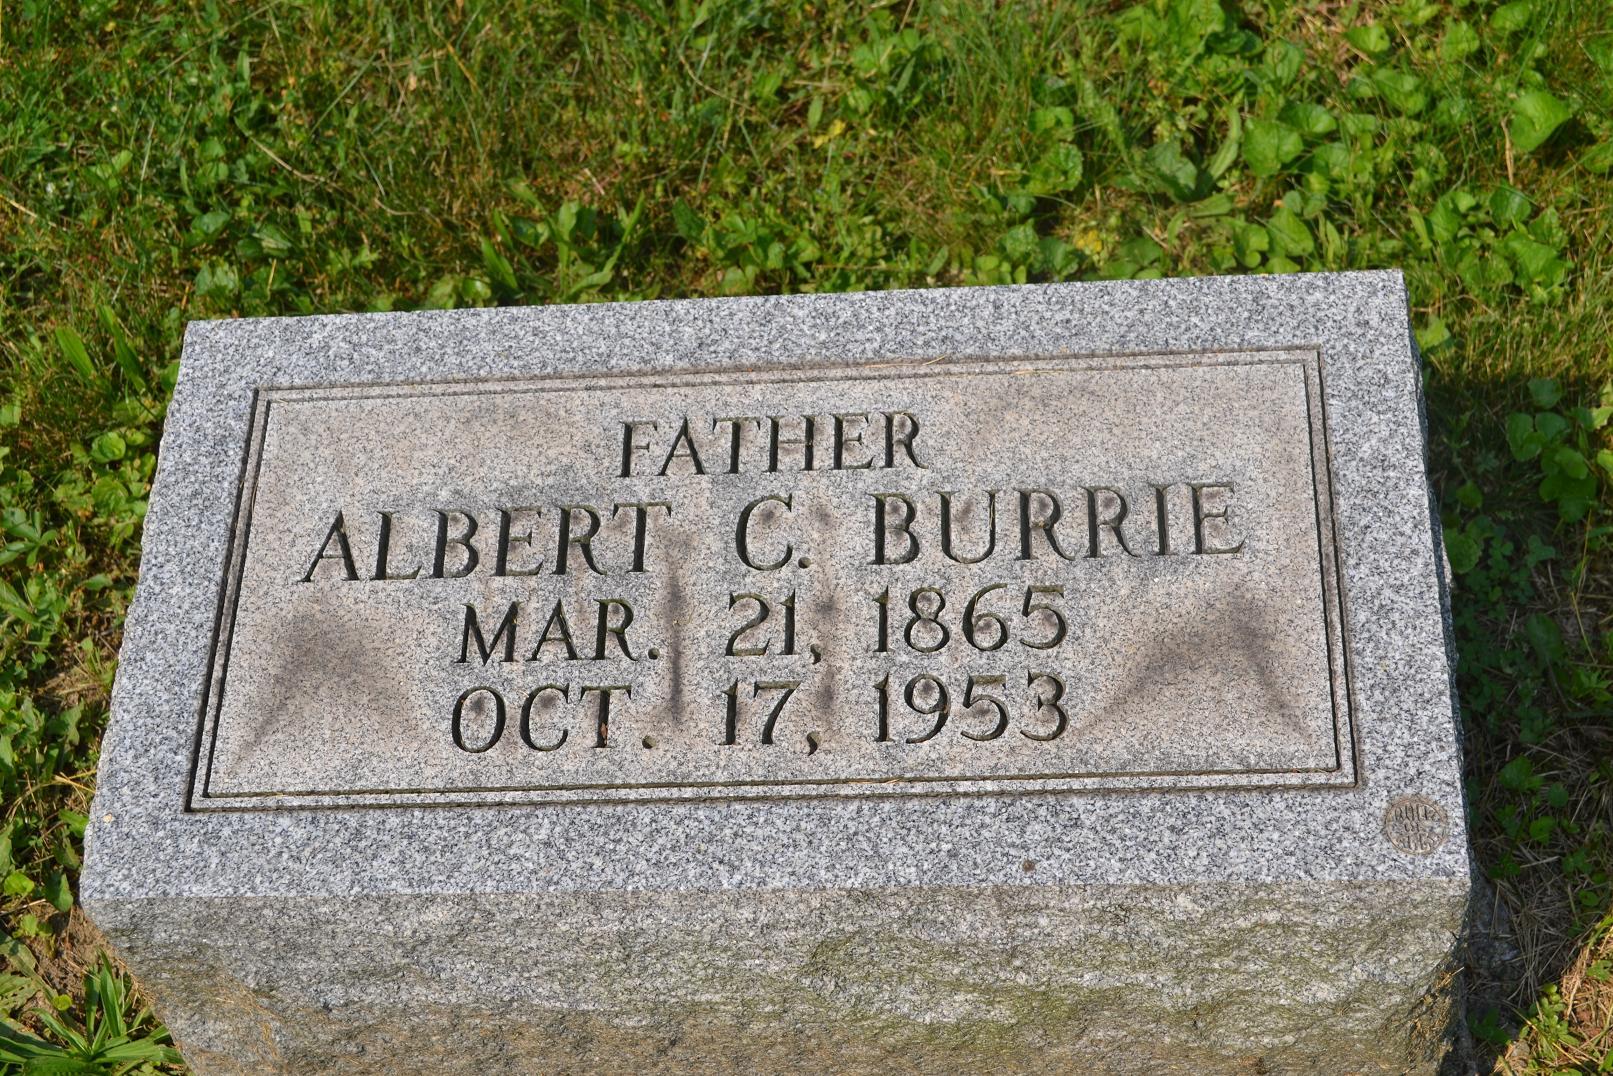 Albert C. Burrie